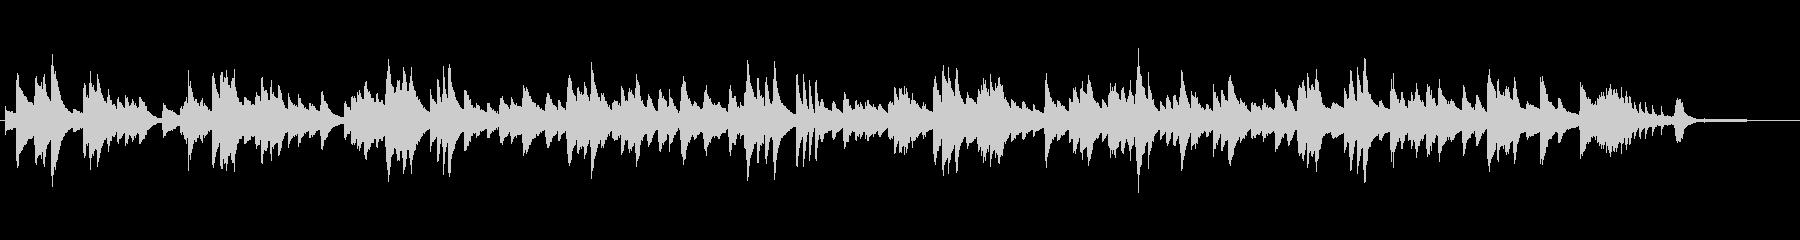 落ち着いたムードのラウンジ風ピアノソロの未再生の波形